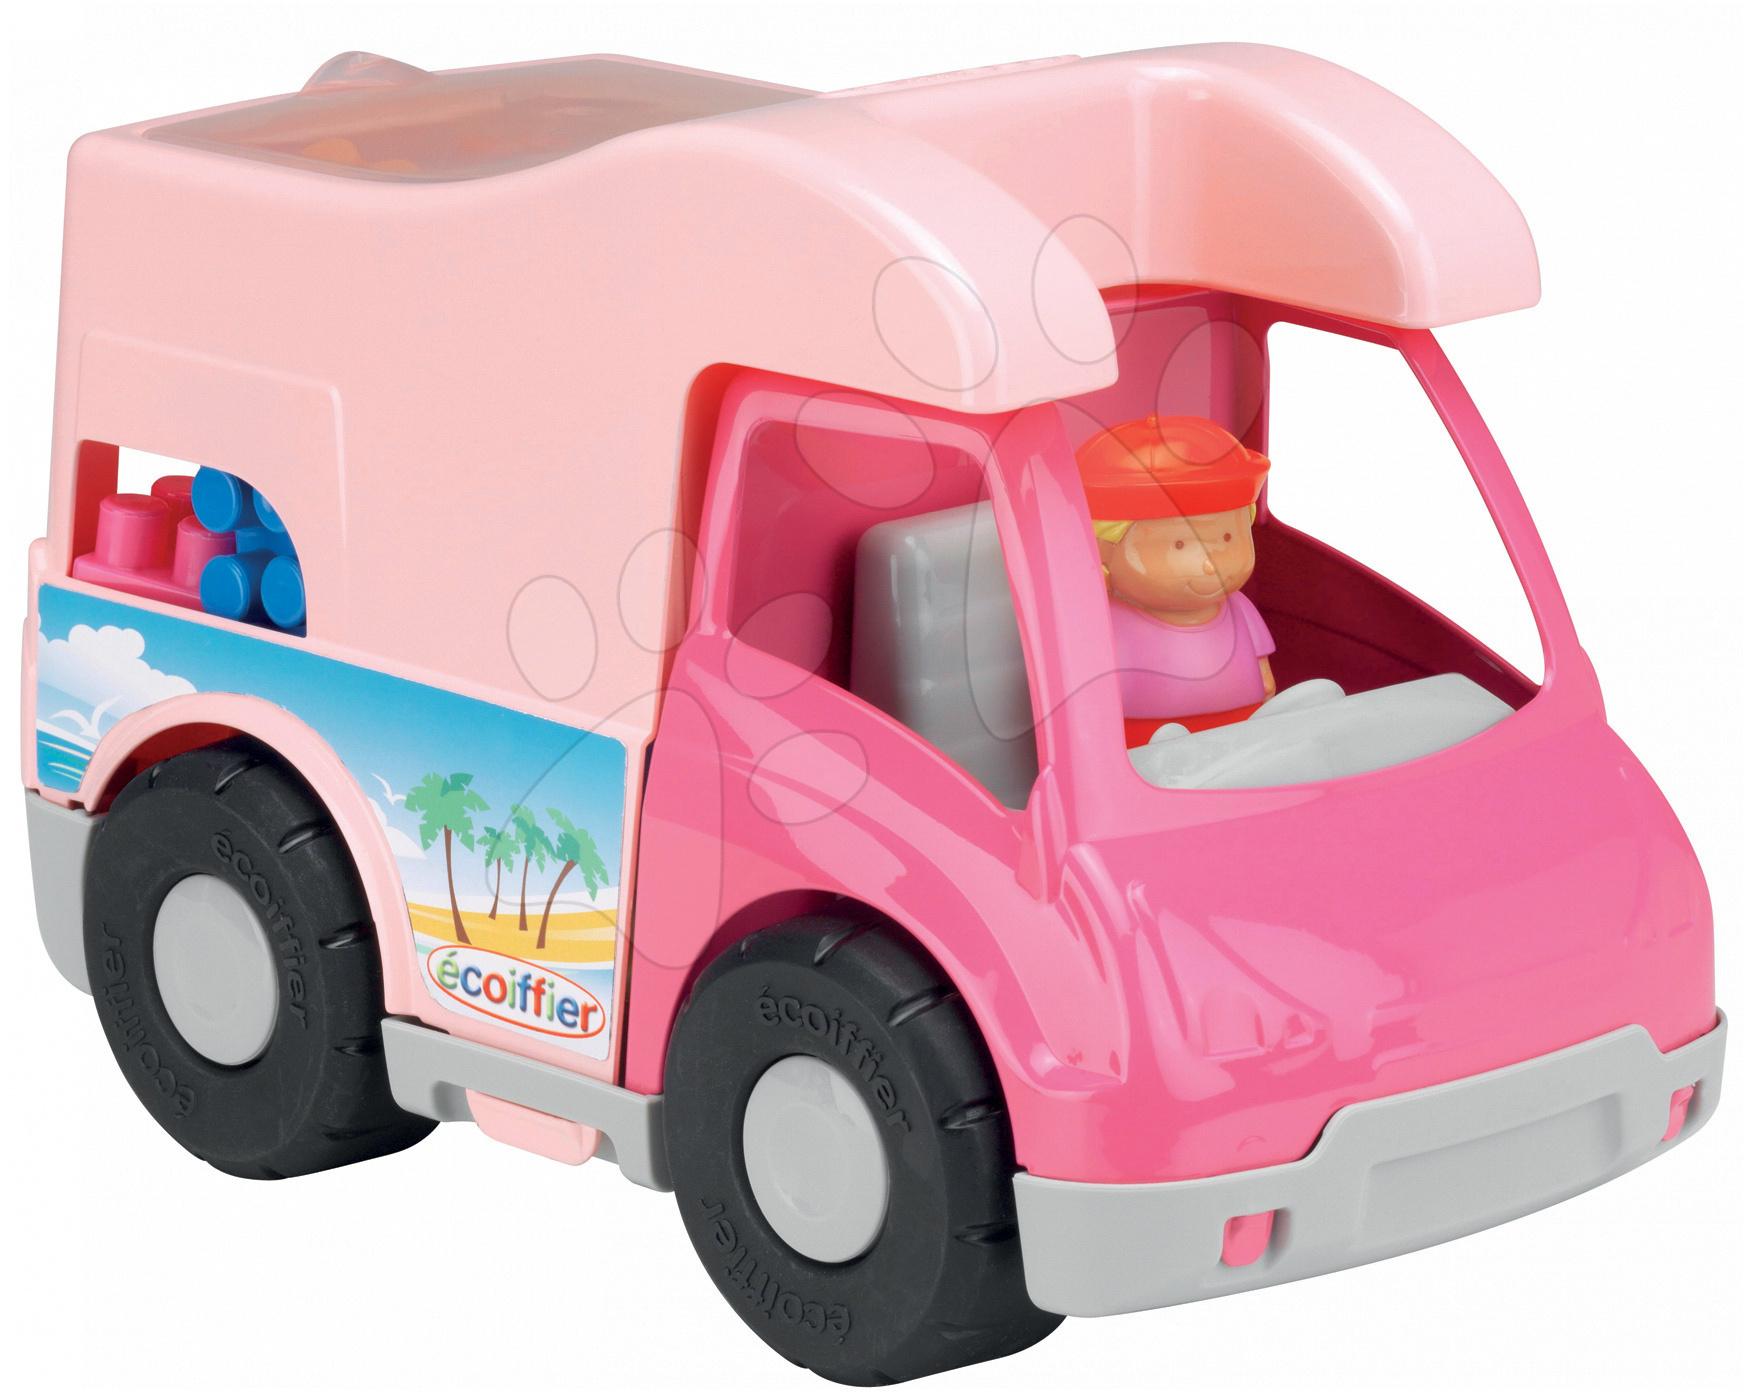 Stavebnica Abrick - karavan s kockami Écoiffier ružový od 18 mes